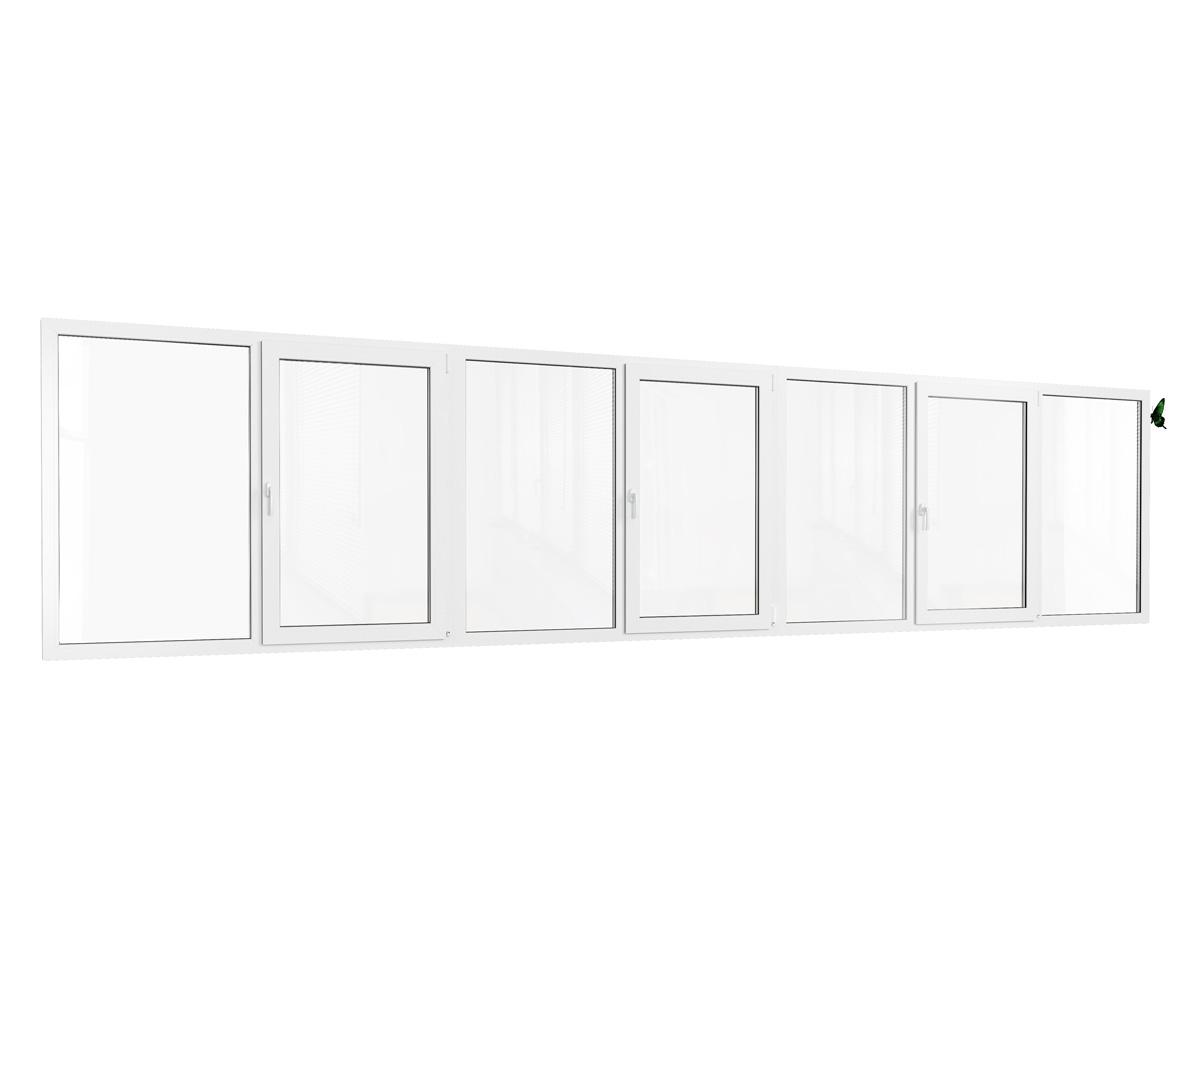 Теплое остекление лоджии пластиковыми окнами. дома серии 160.